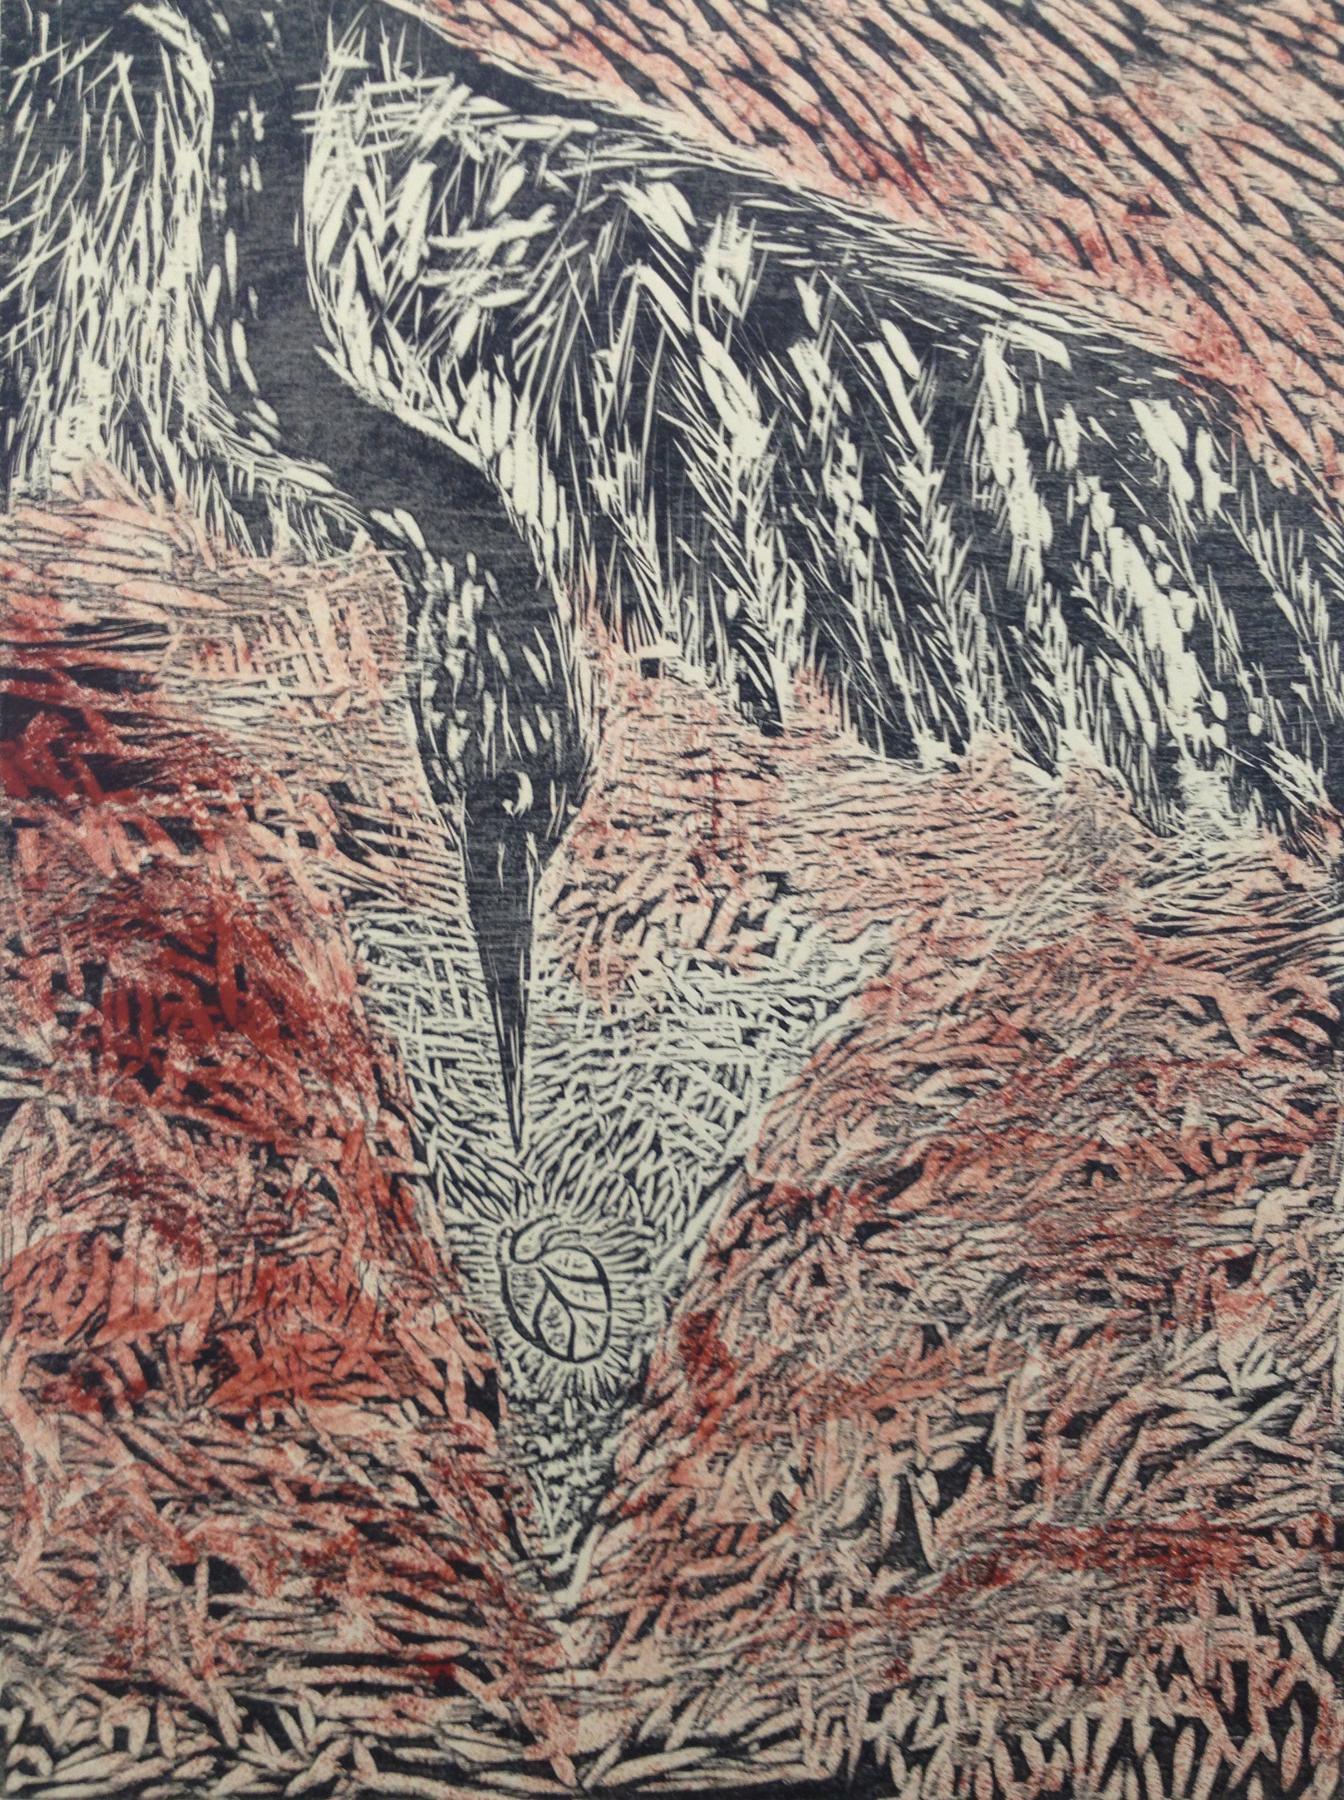 Heron Bait